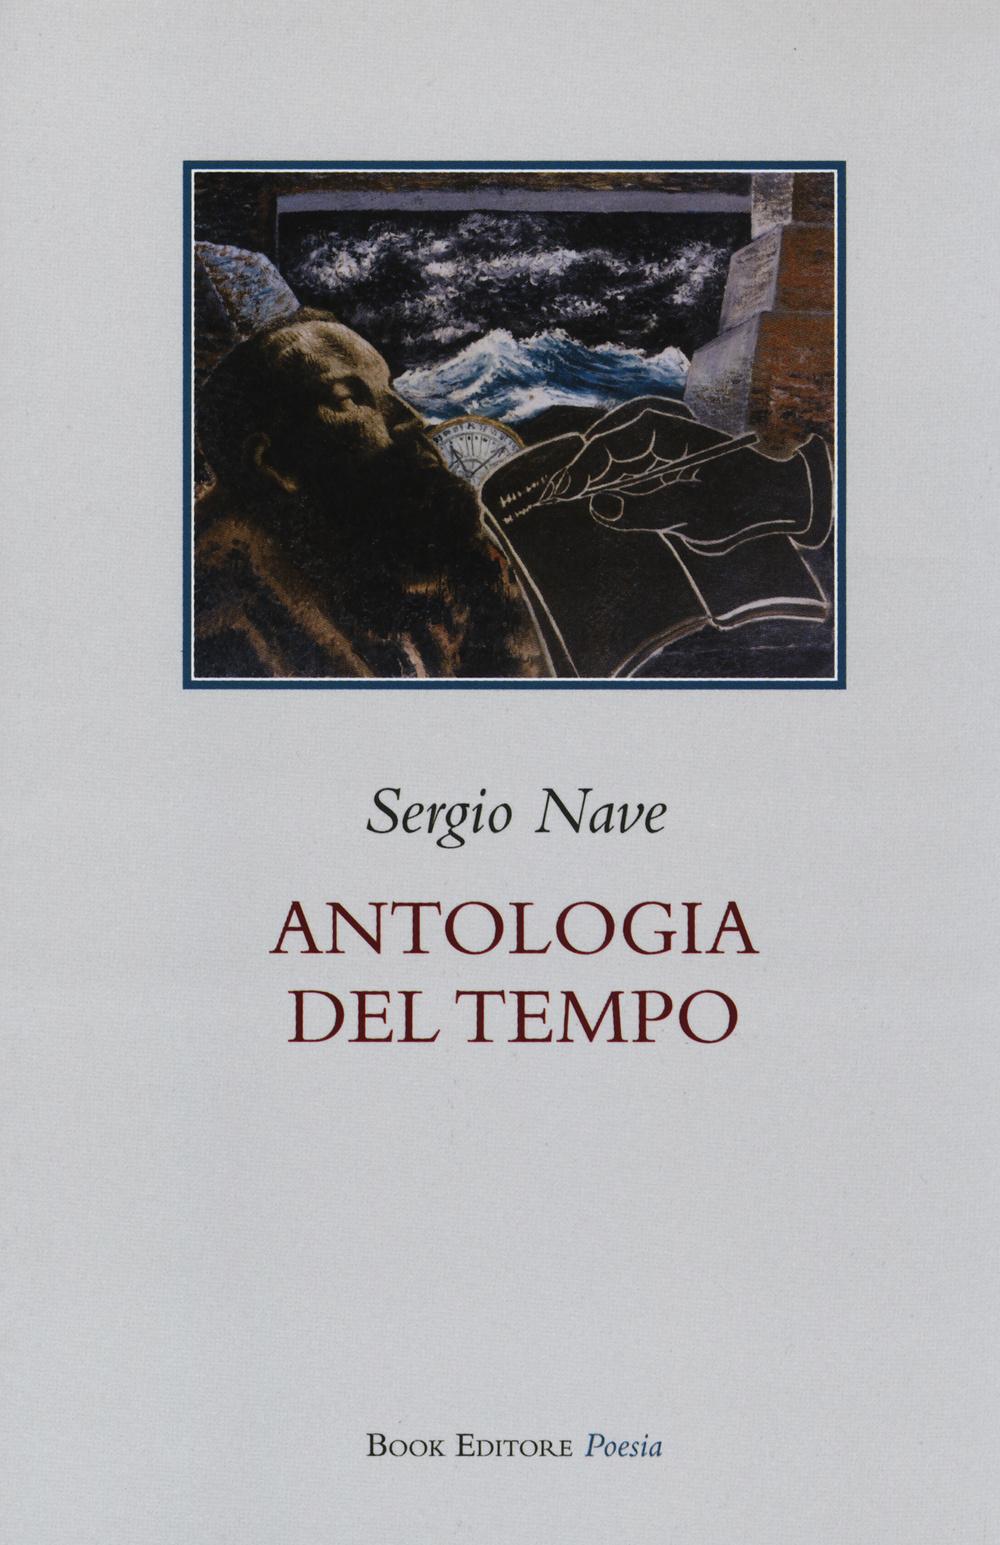 Image of Antologia del tempo